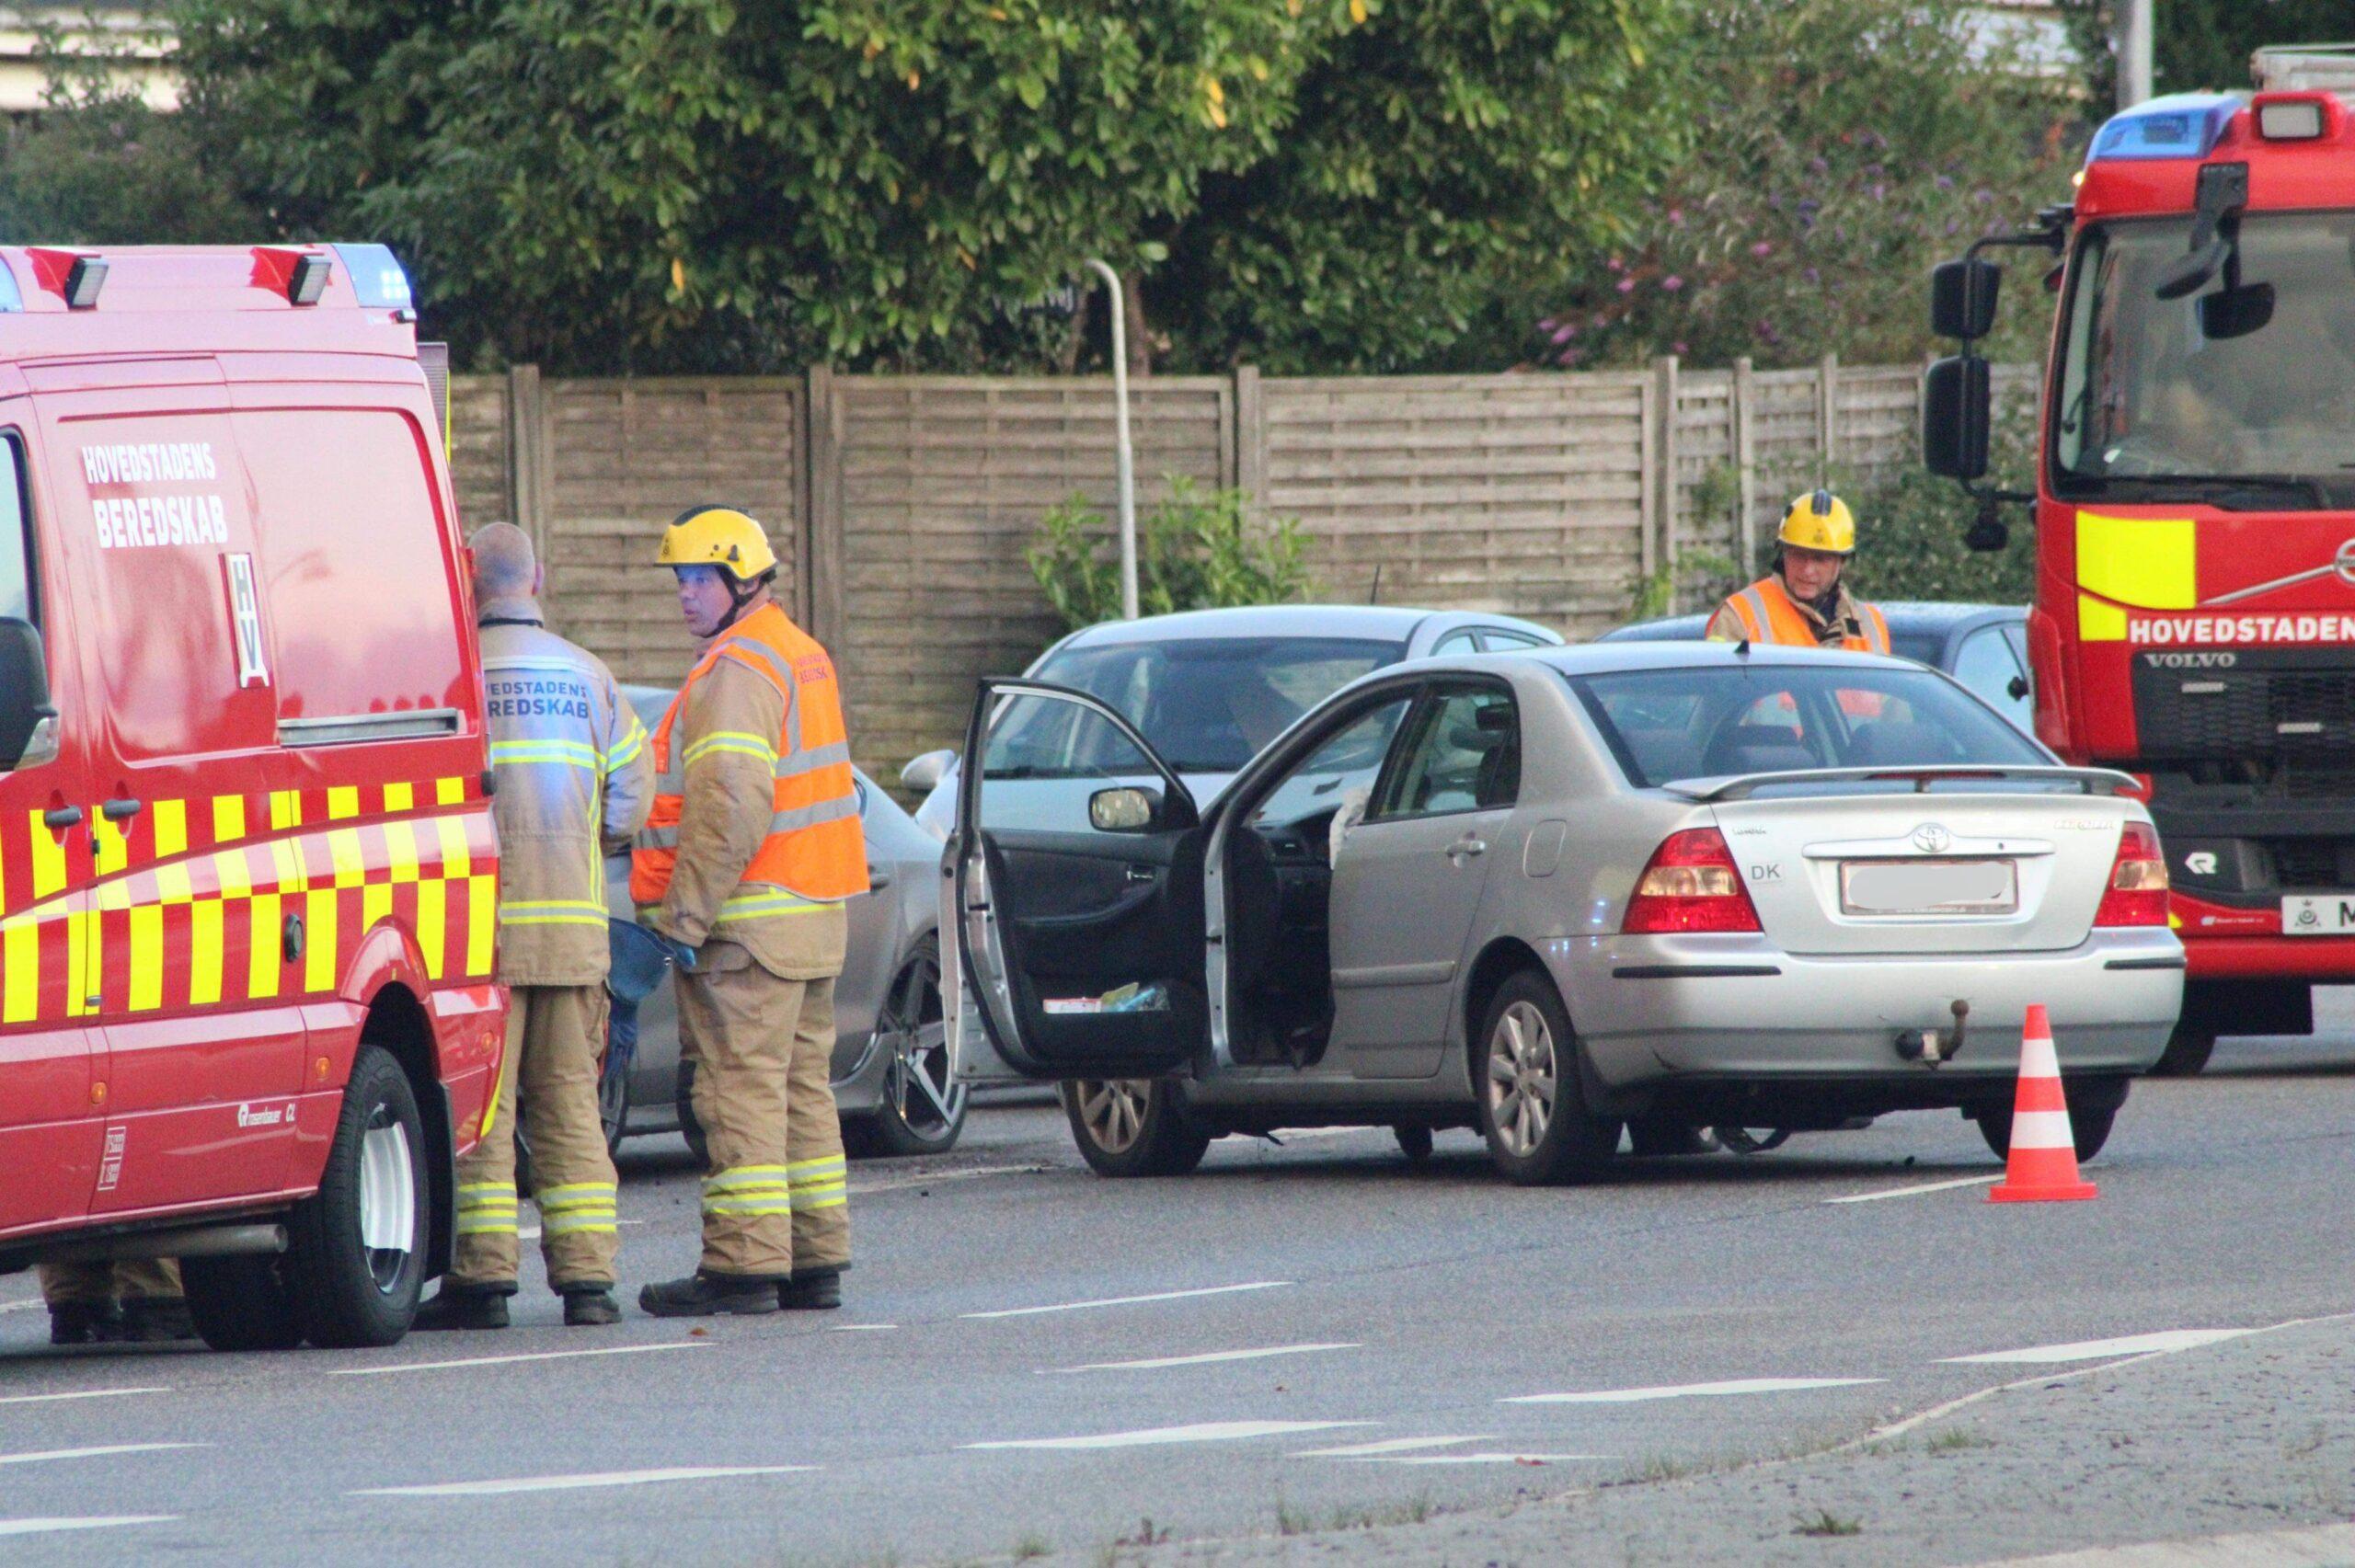 Større færdselsuheld i Glostrup - flere redningskøretøjer fremme